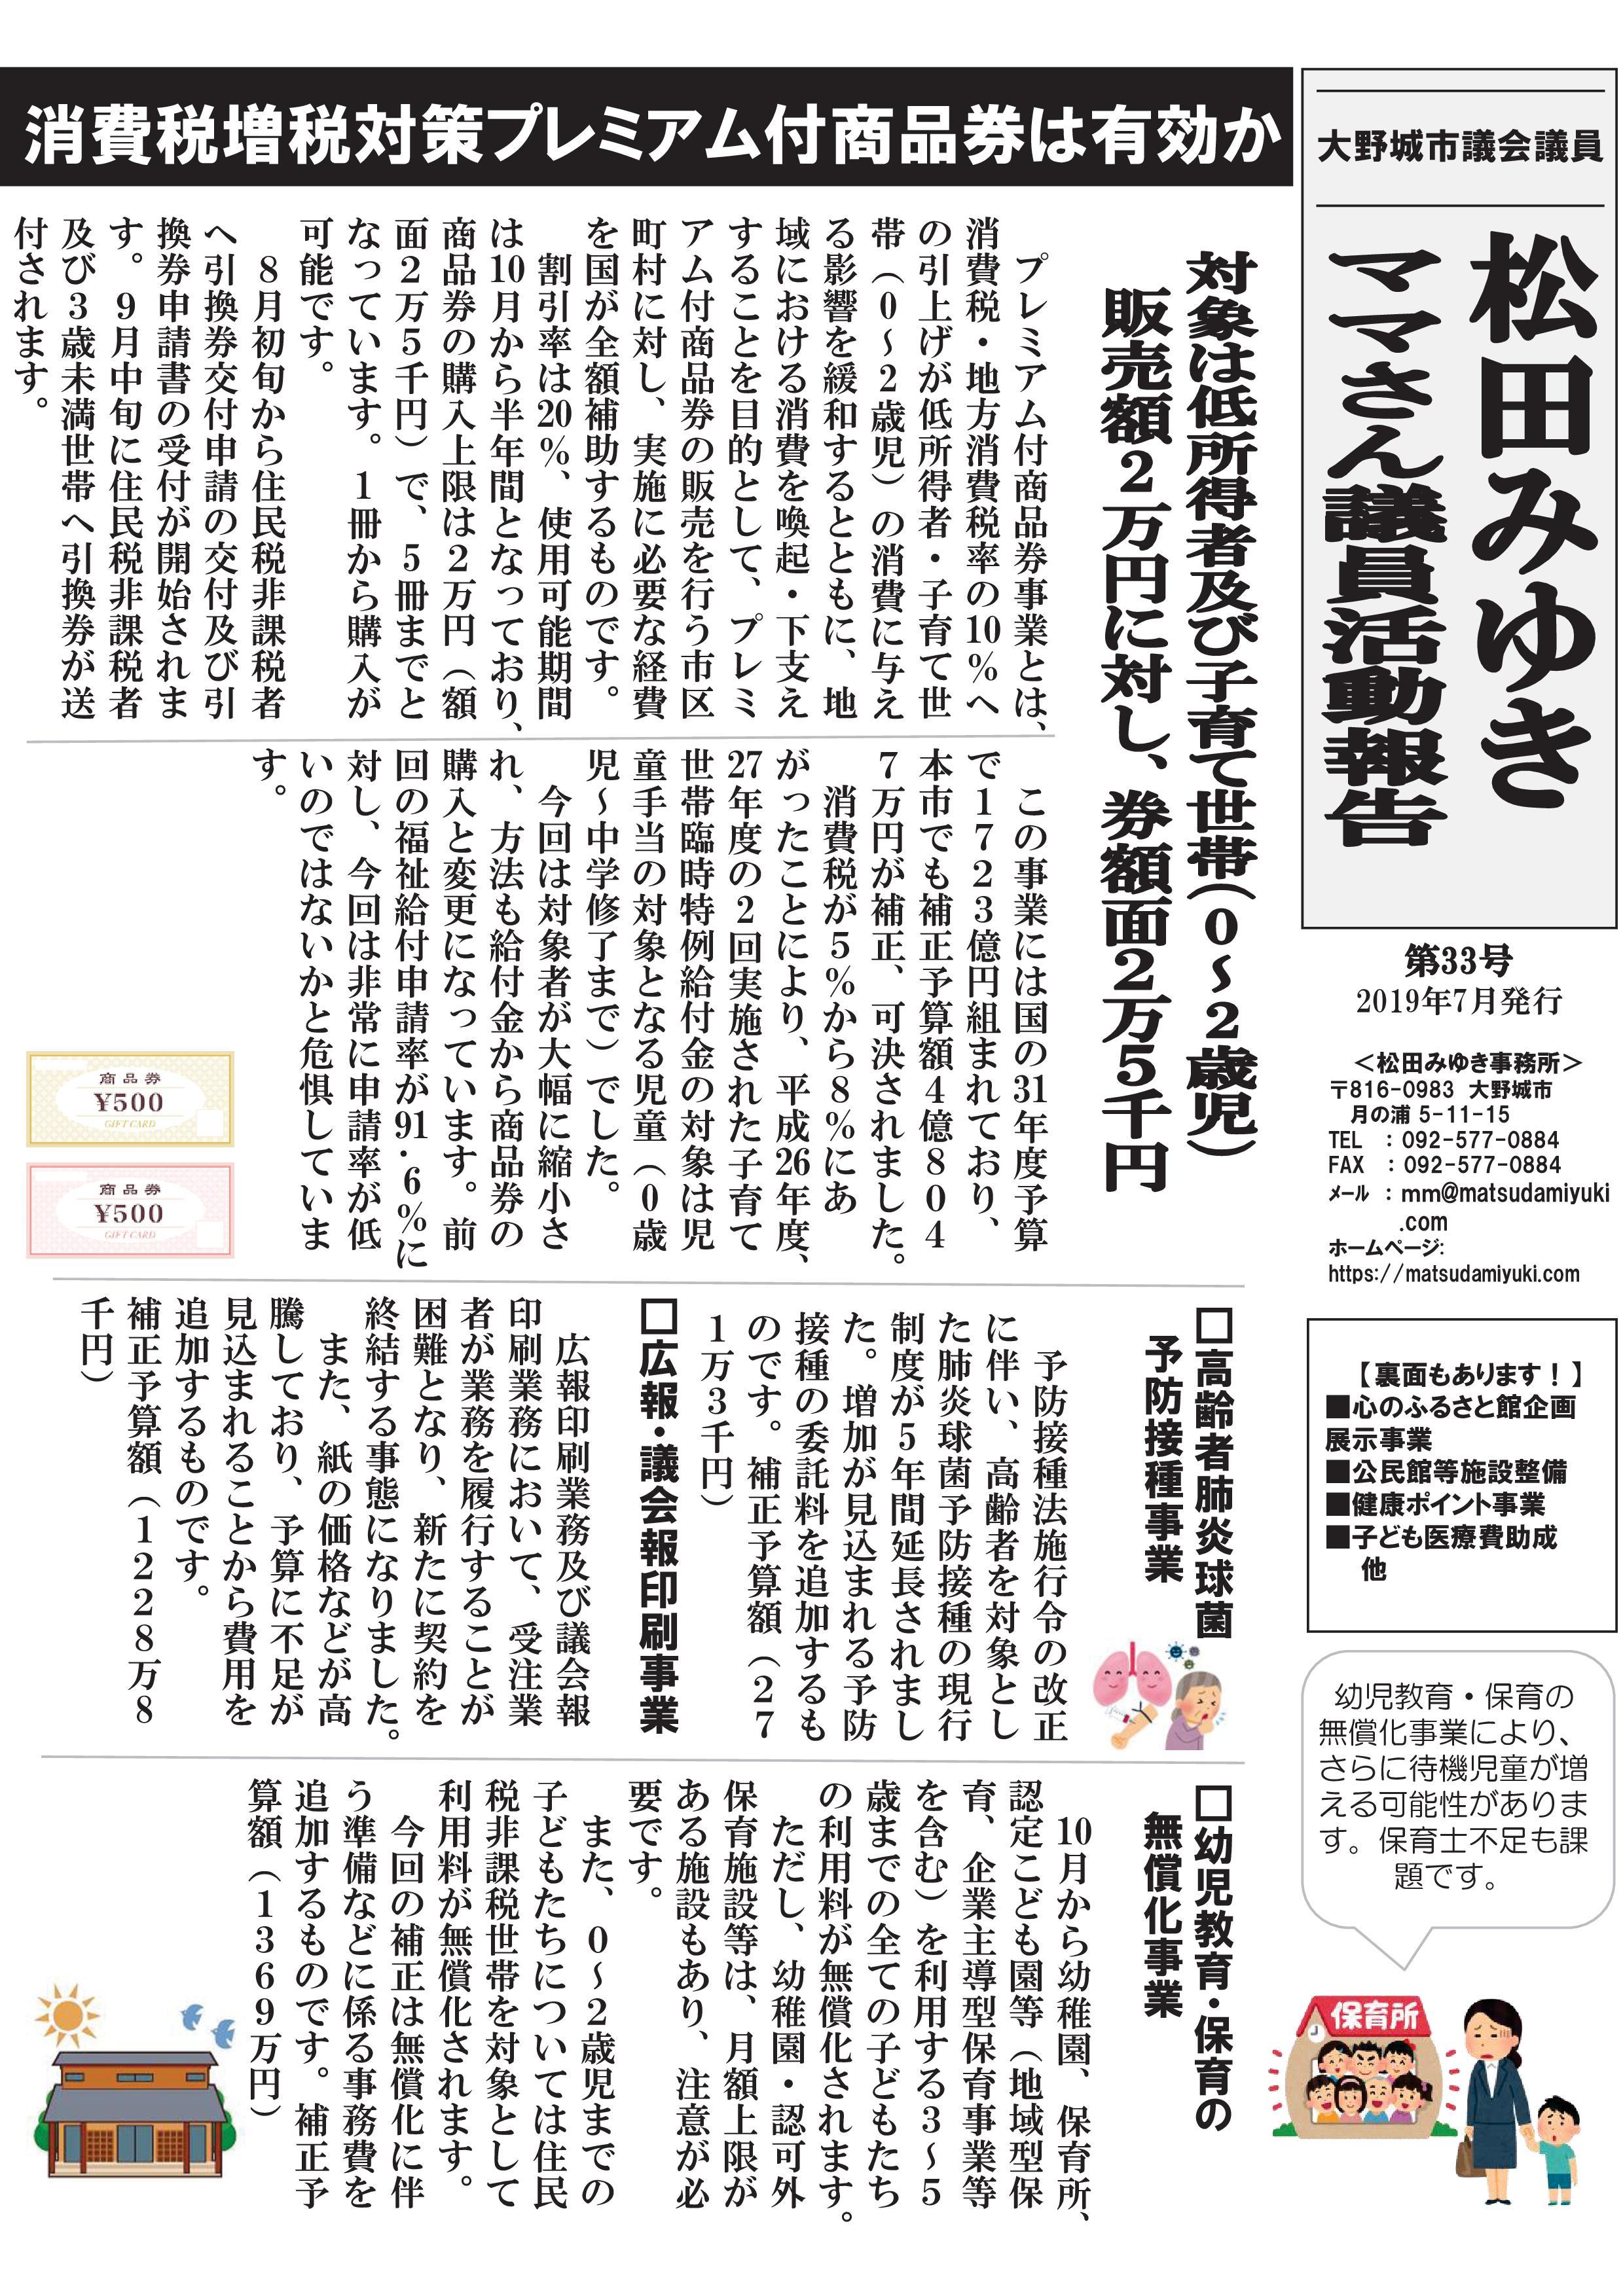 大野城市議会議員 松田みゆき 市政報告 第33号 01